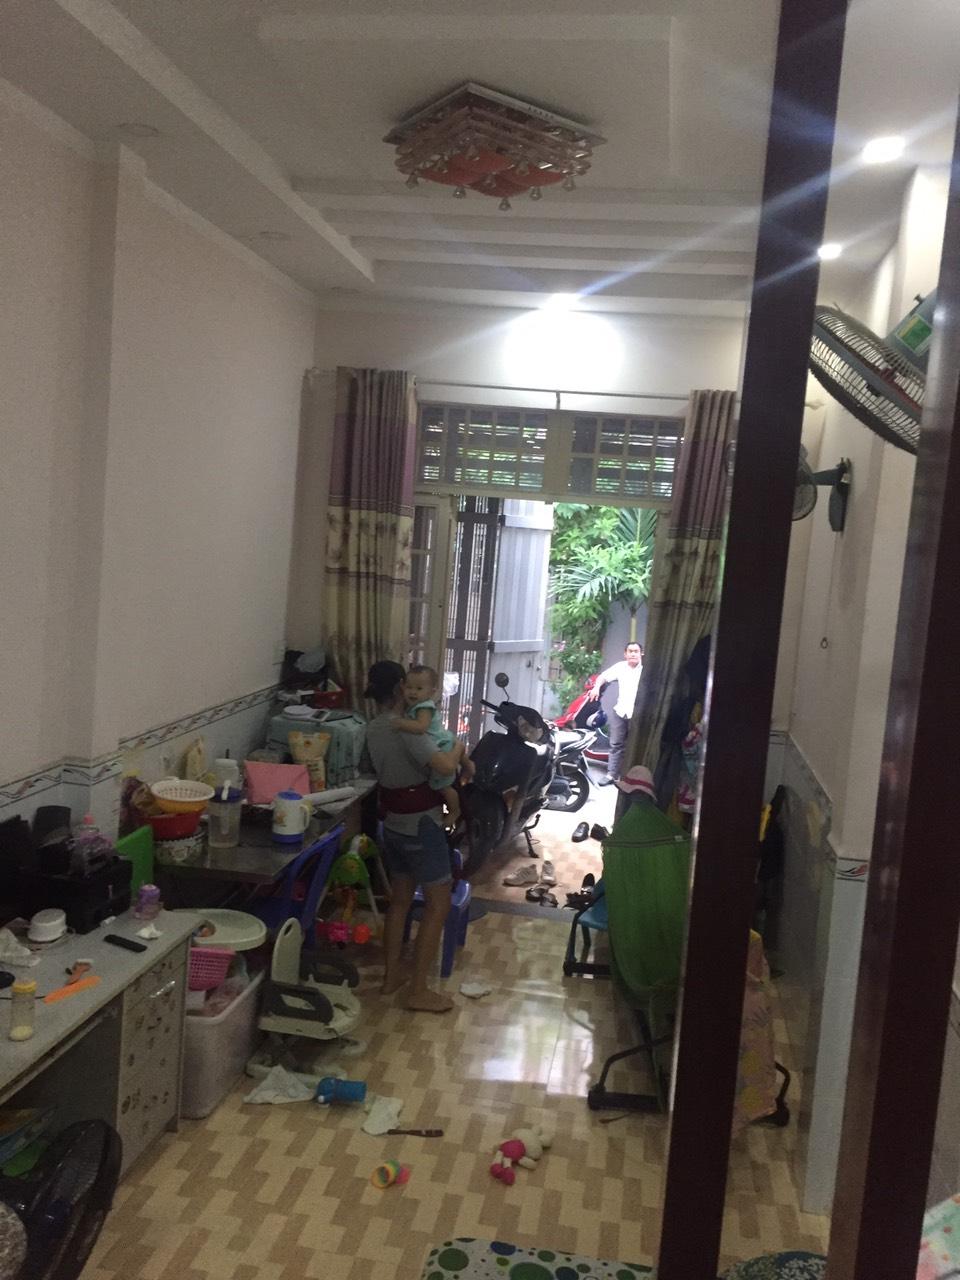 Bán nhà Hẻm xe hơi Đường số 3 phường Bình Hưng Hòa A quận Bình Tân